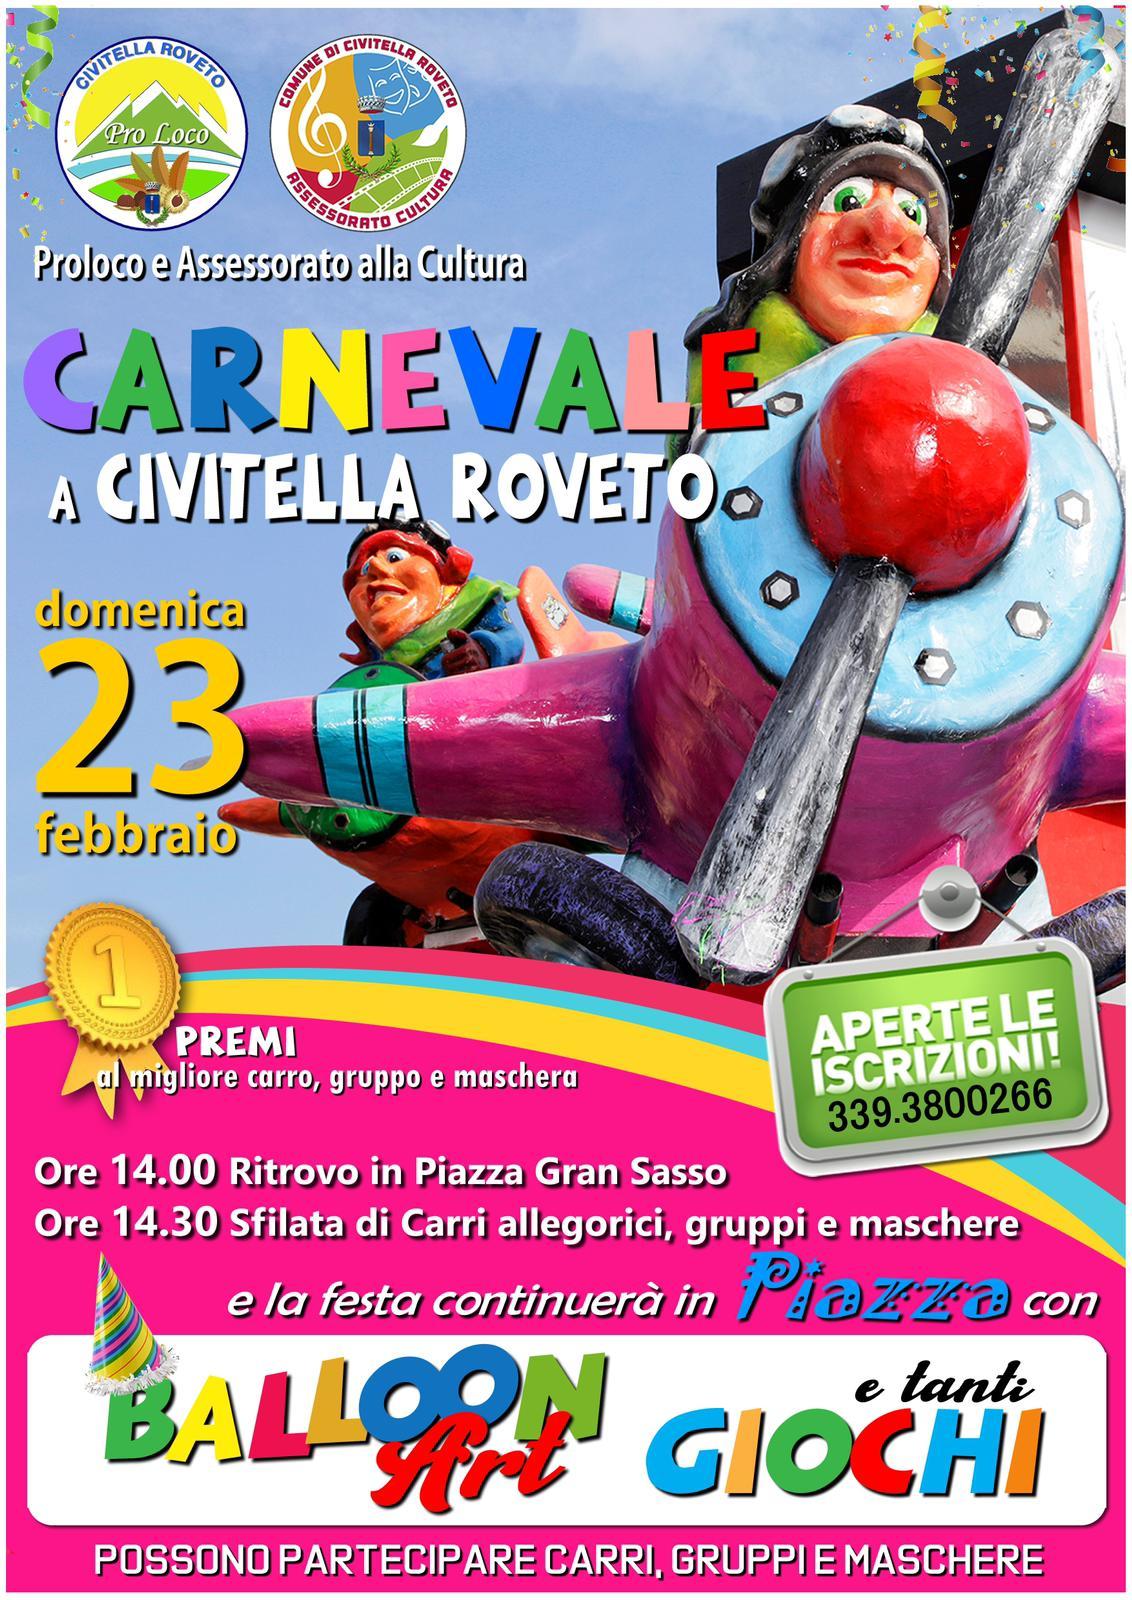 Super sfilata di Carnevale a Civitella Roveto